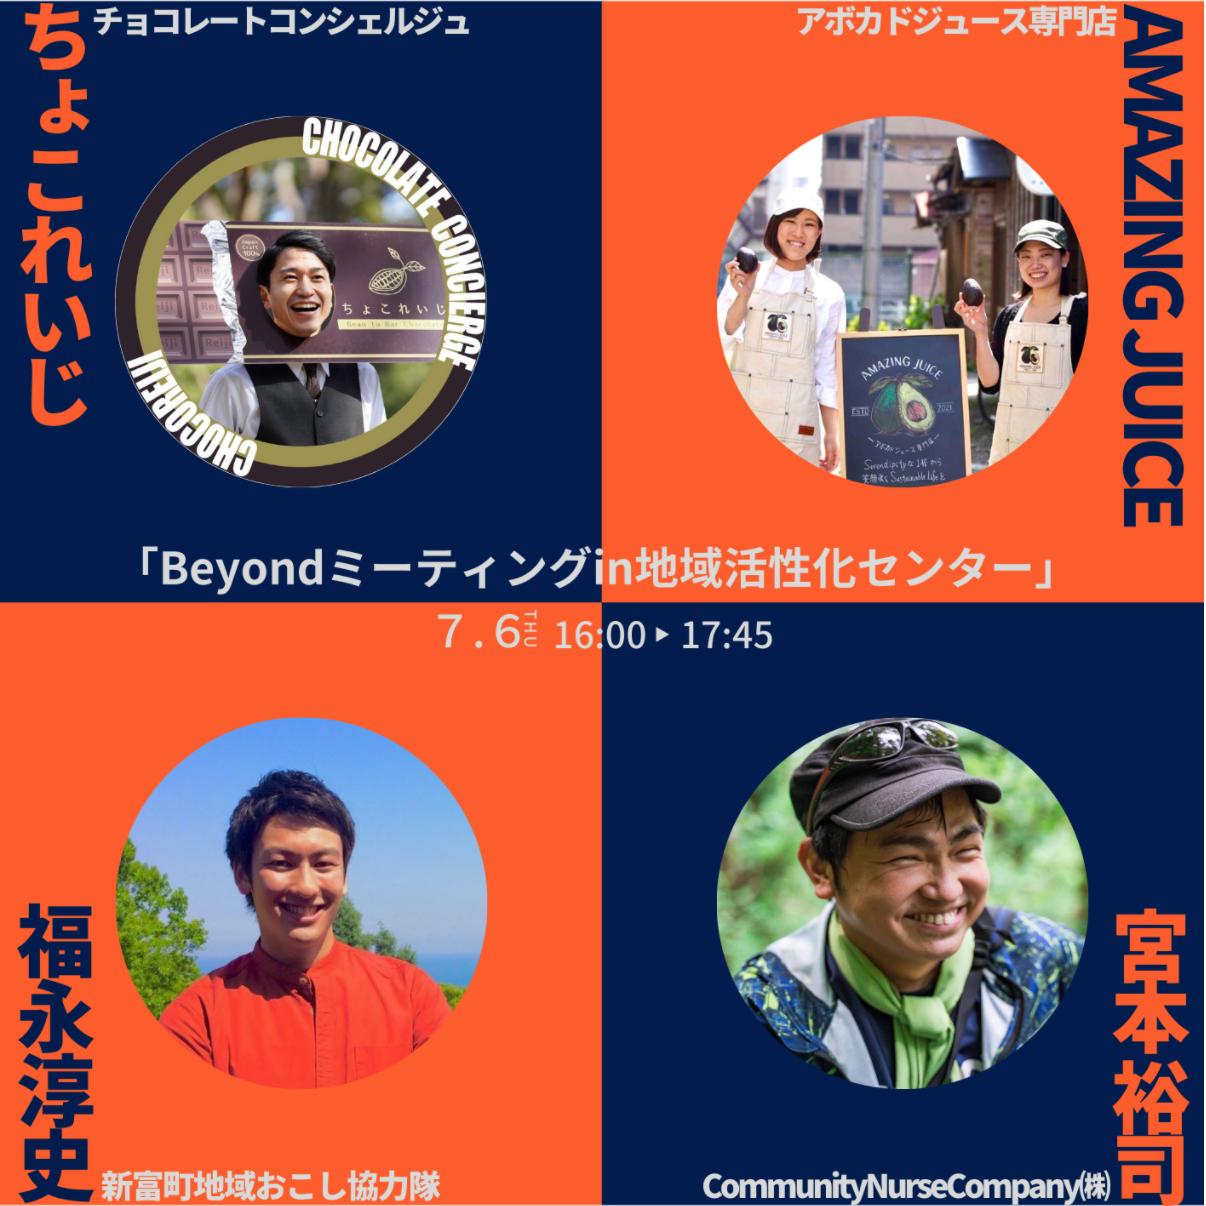 7月6日(火)Beyondミーティング in 地域活性化センター 開催報告